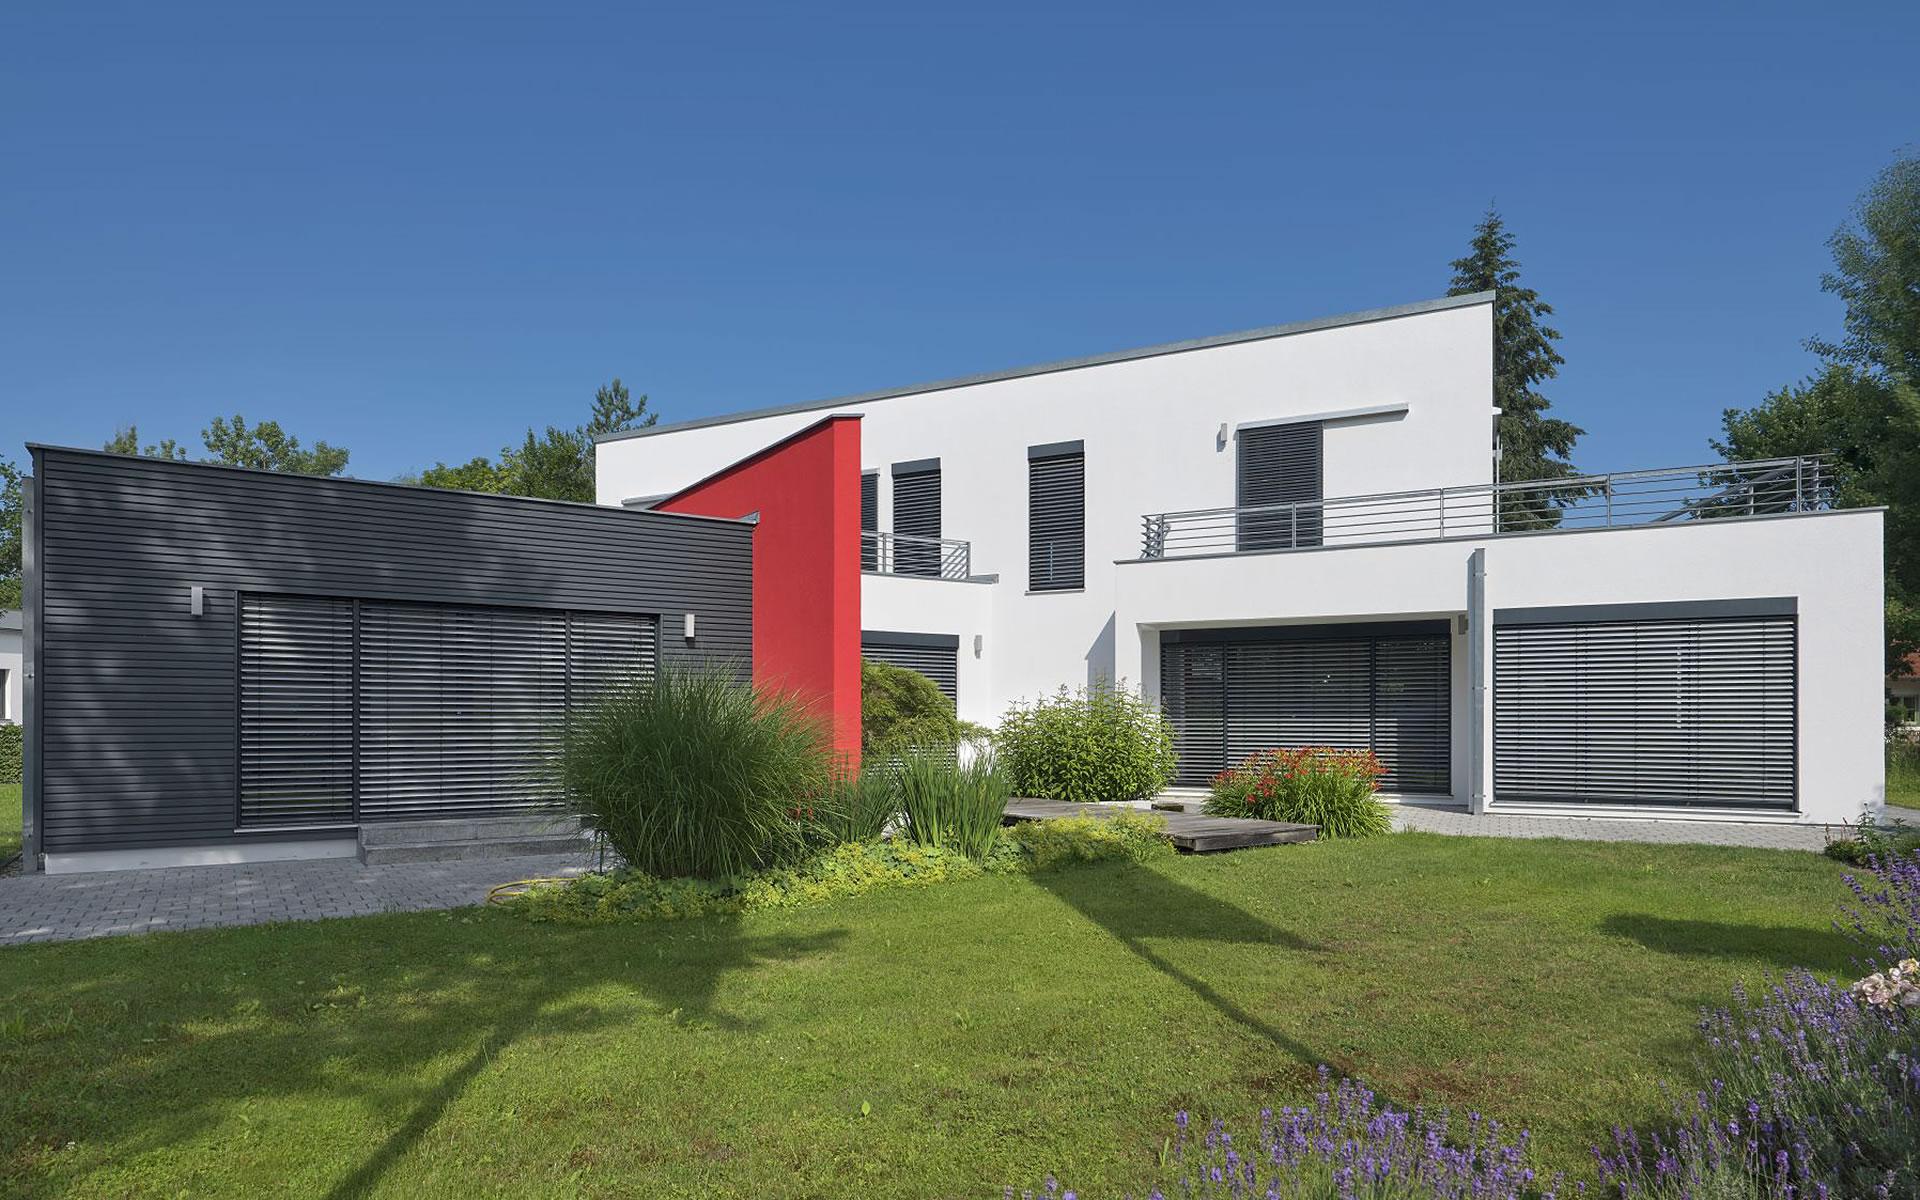 Musterhaus Georgensgmünd von LUXHAUS Vertrieb GmbH & Co. KG